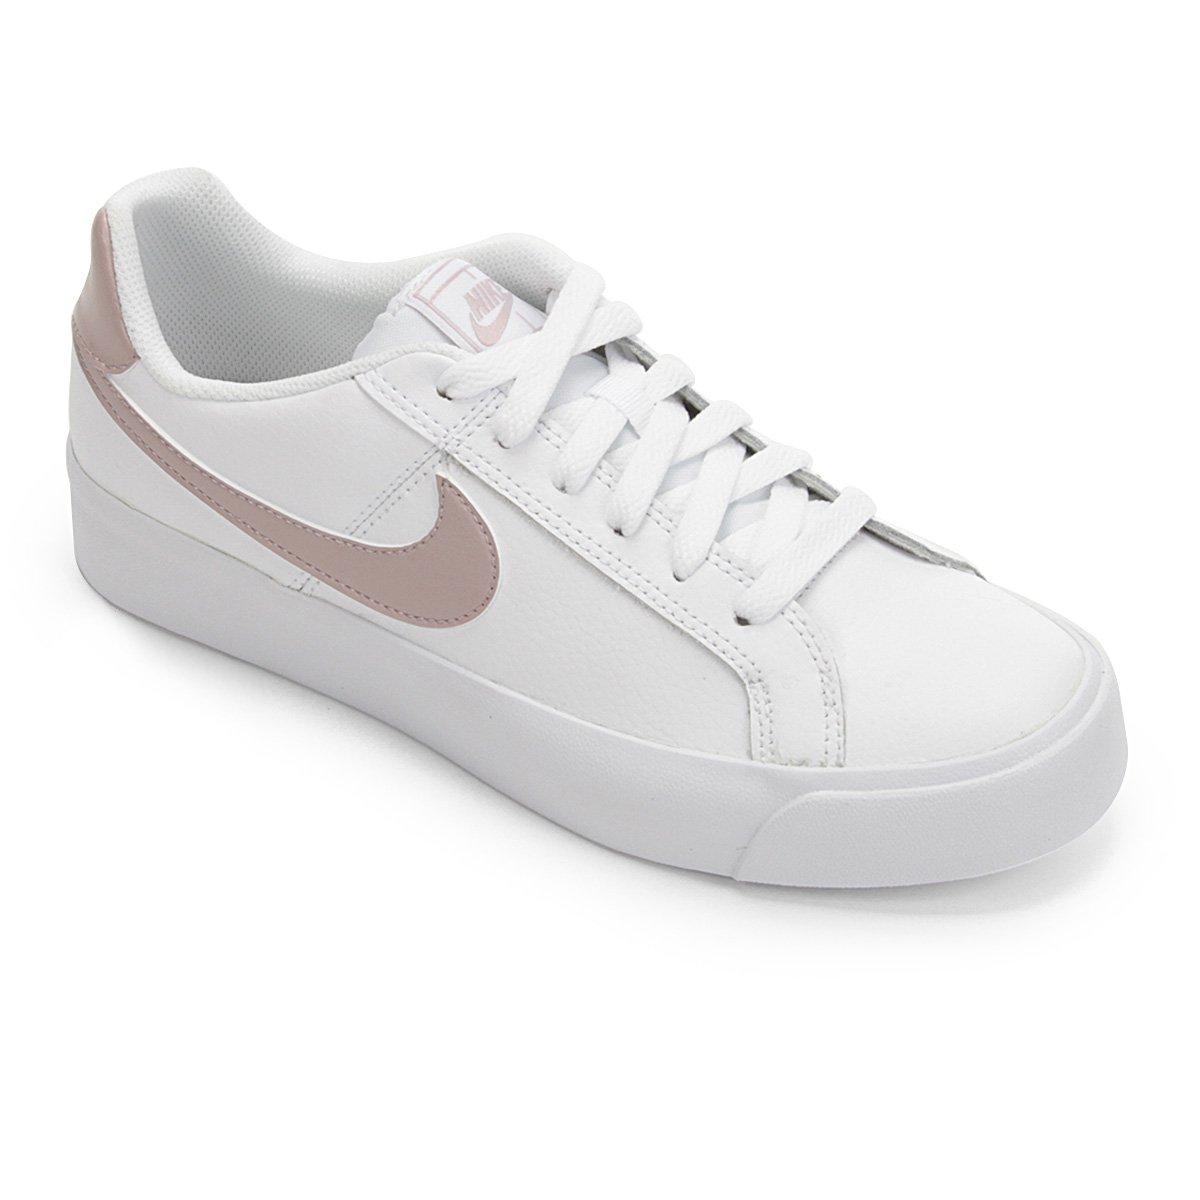 ba0e9f440a Tênis Nike Court Royale Feminino - Branco - Compre Agora